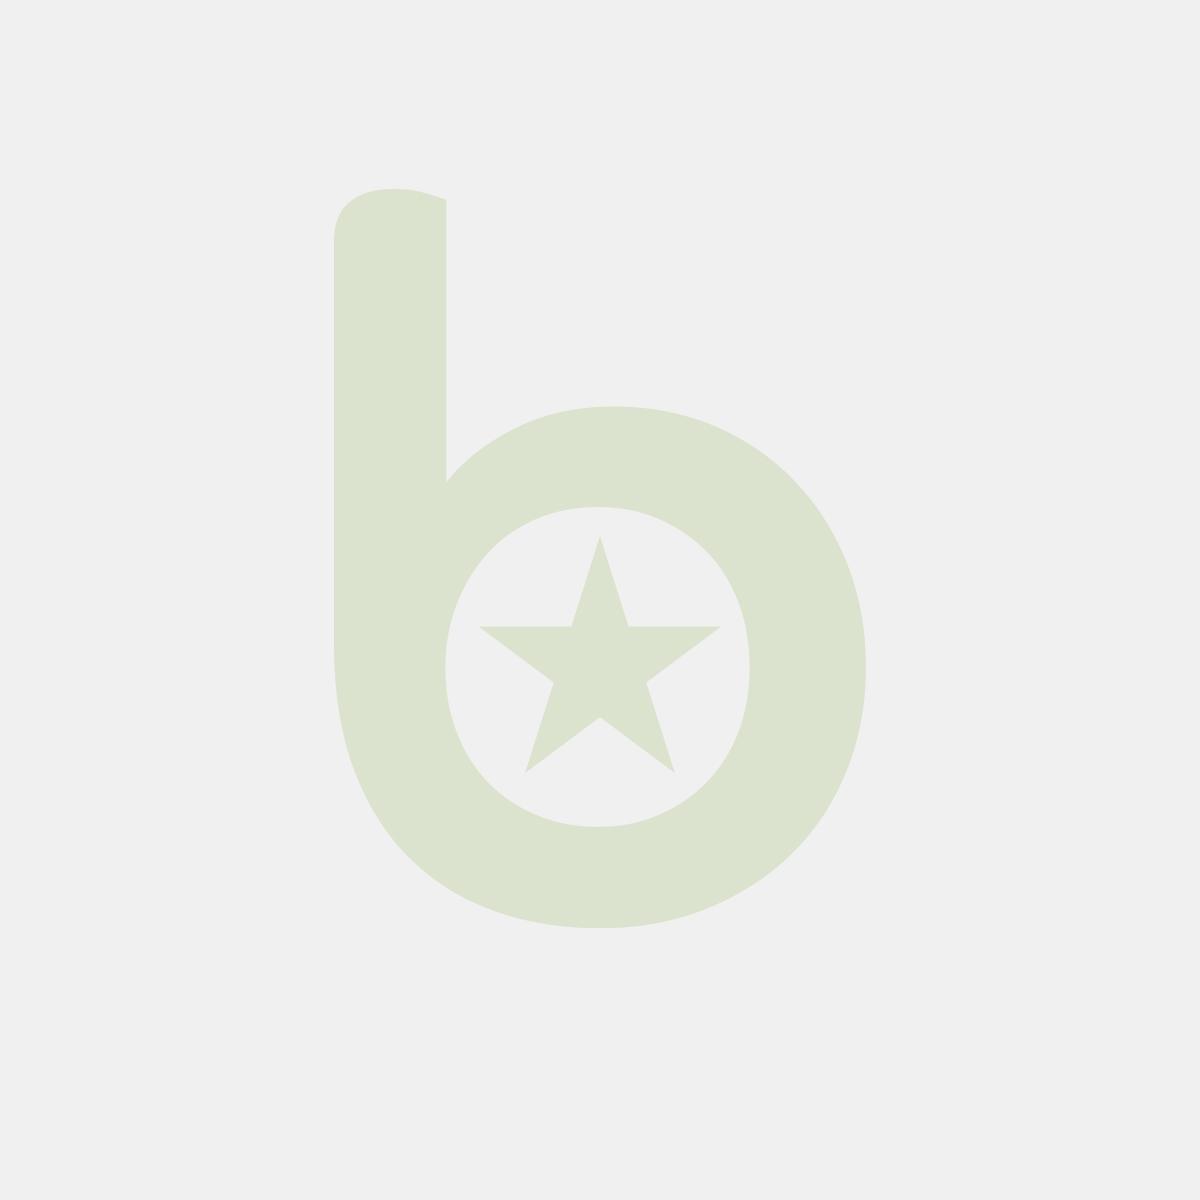 Schładzarka szokowa 10x GN 1/1 kod 233535